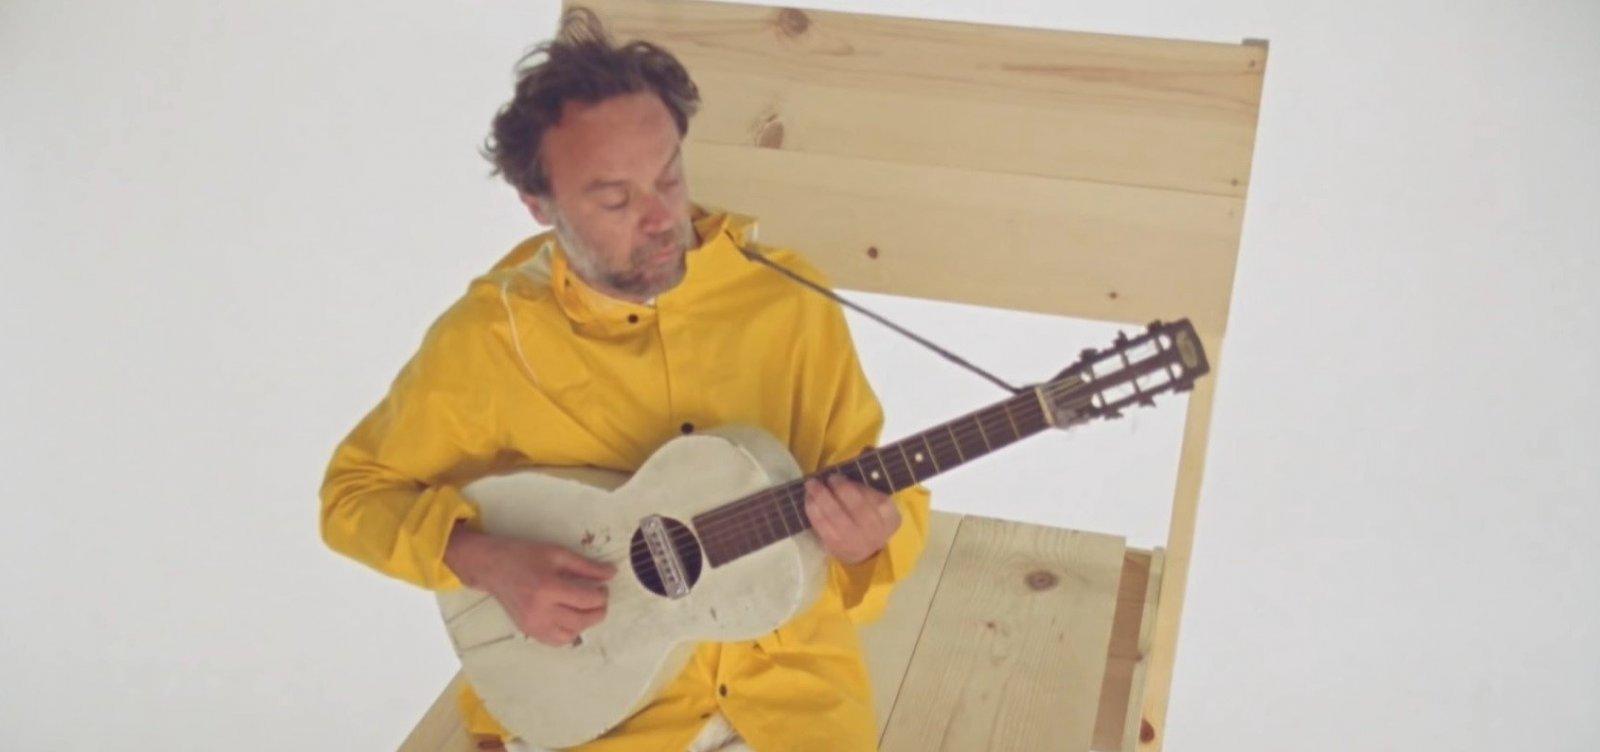 Rodrigo Amarante lança clipe, anuncia novo álbum e até turnê para 2022